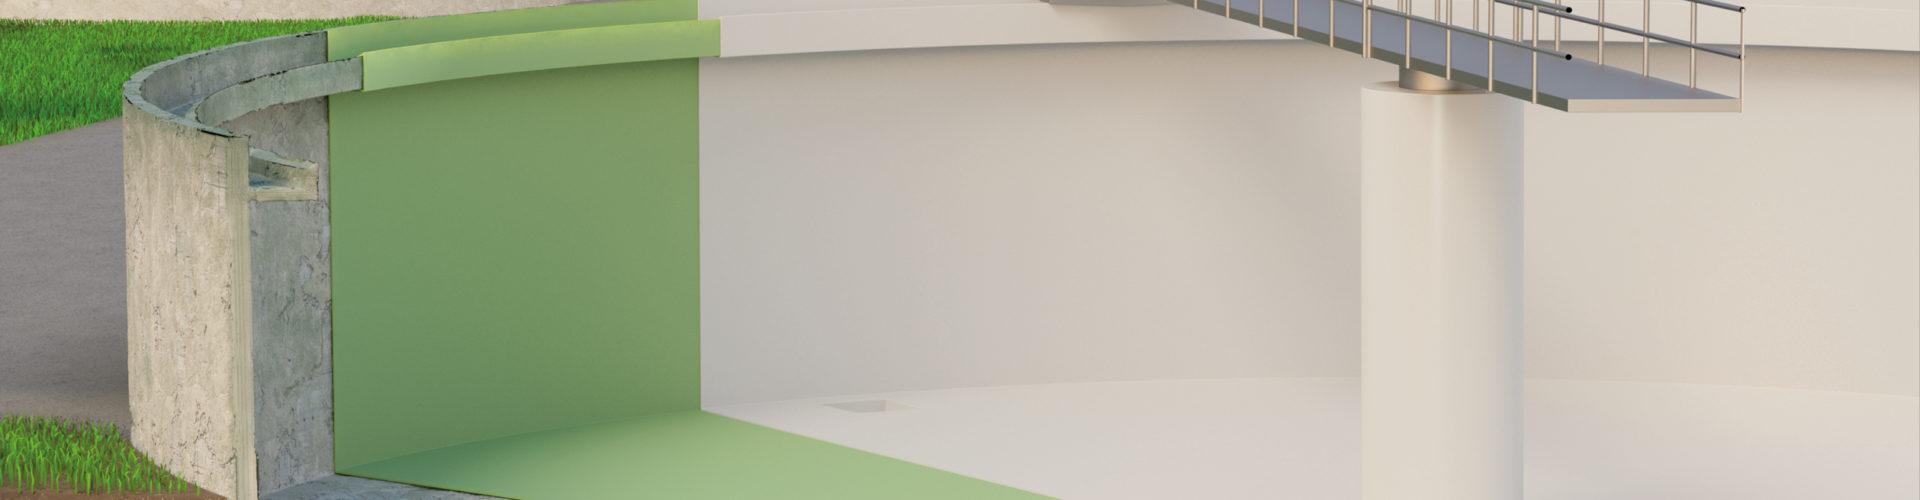 Grafische Darstellung einer Auskleidung mit GFK Laminat von Haase